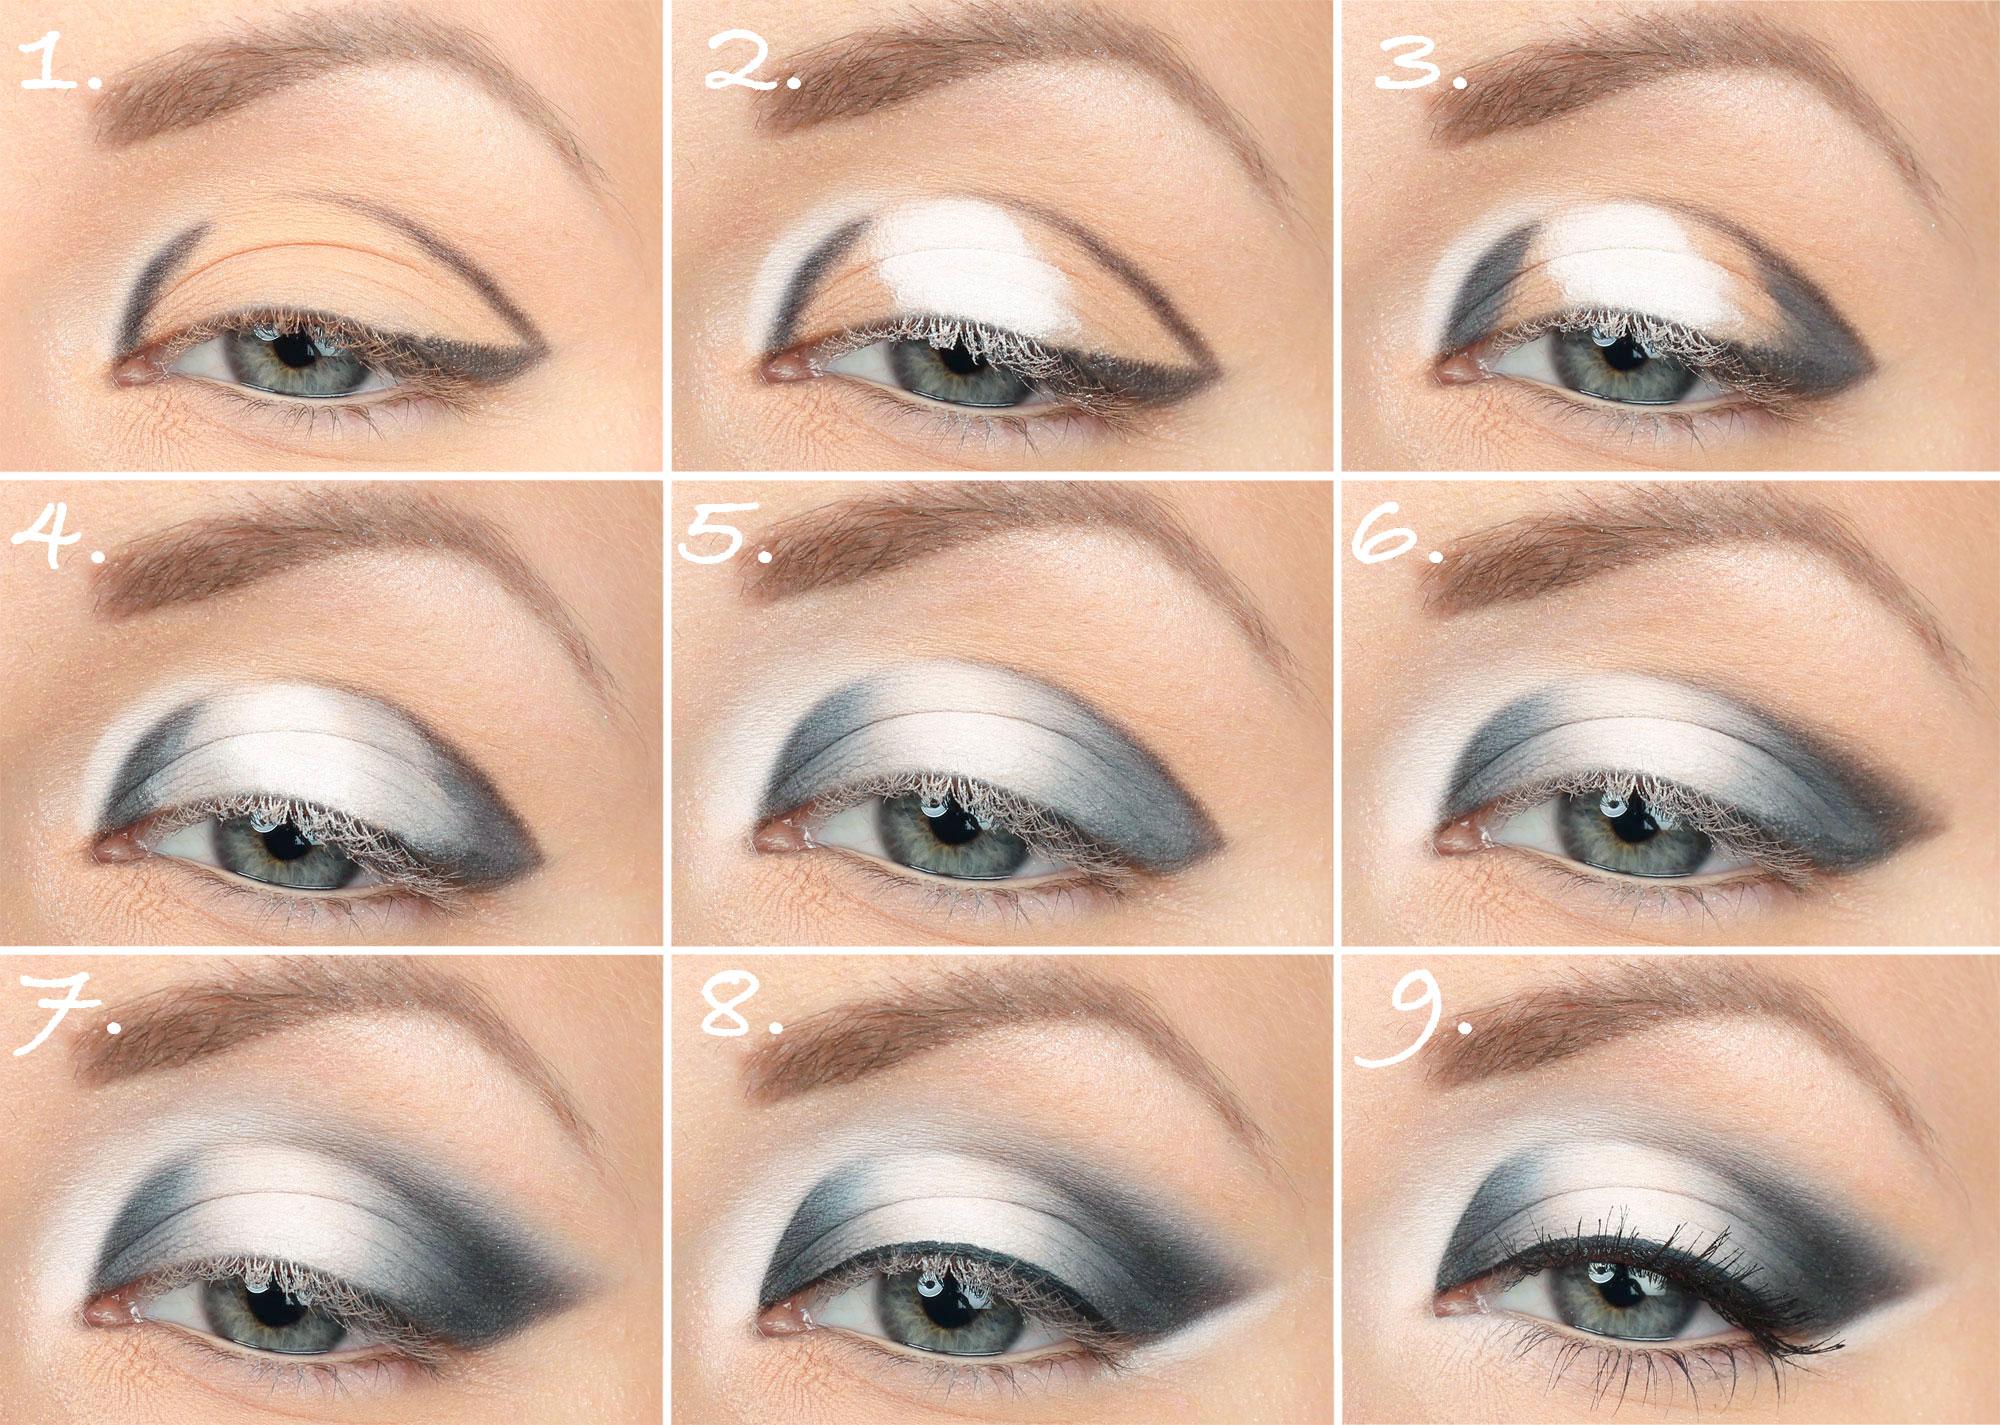 paese-kashmir-eyeshadow-tutorial